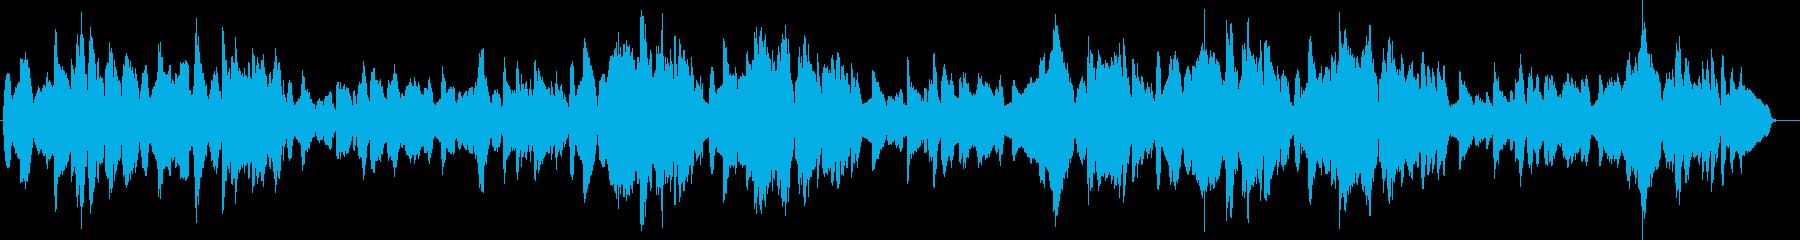 夢見心地のチェロが優しく歌うトロイメライの再生済みの波形